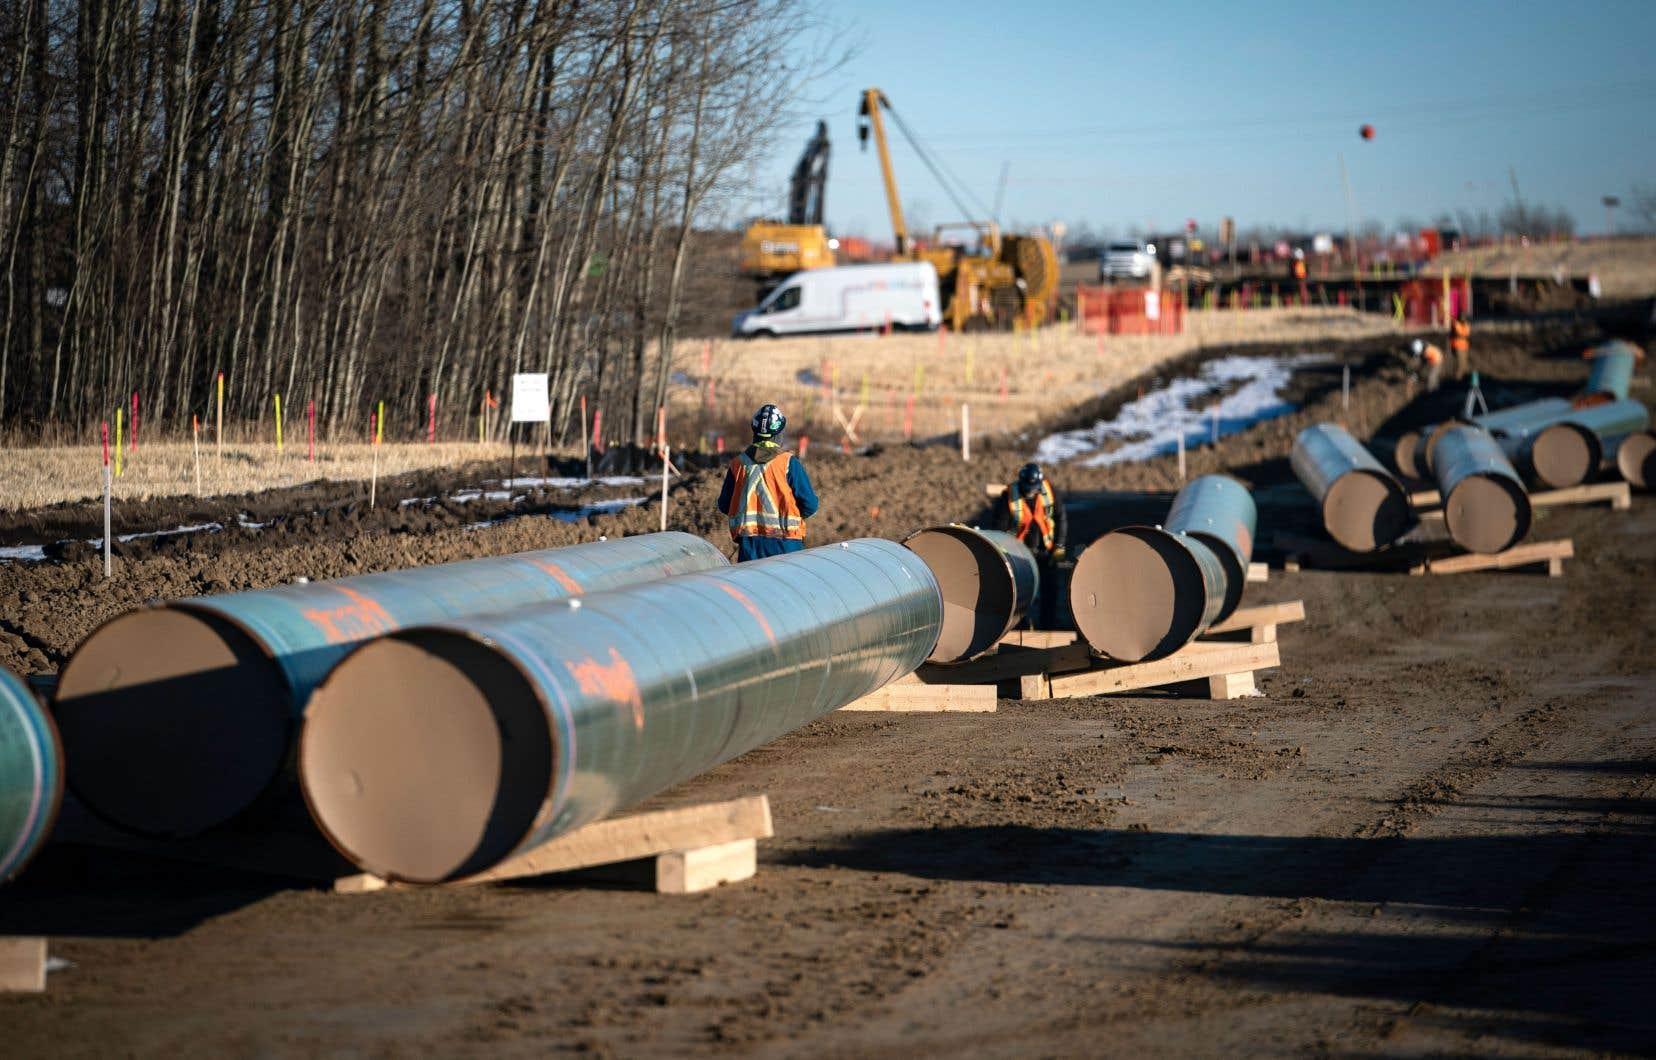 Selon la corporation Trans Mountain, les travaux d'agrandissement du pipeline coûteront 12,6 milliards plutôt que les 7,4 milliards prévus initialement.